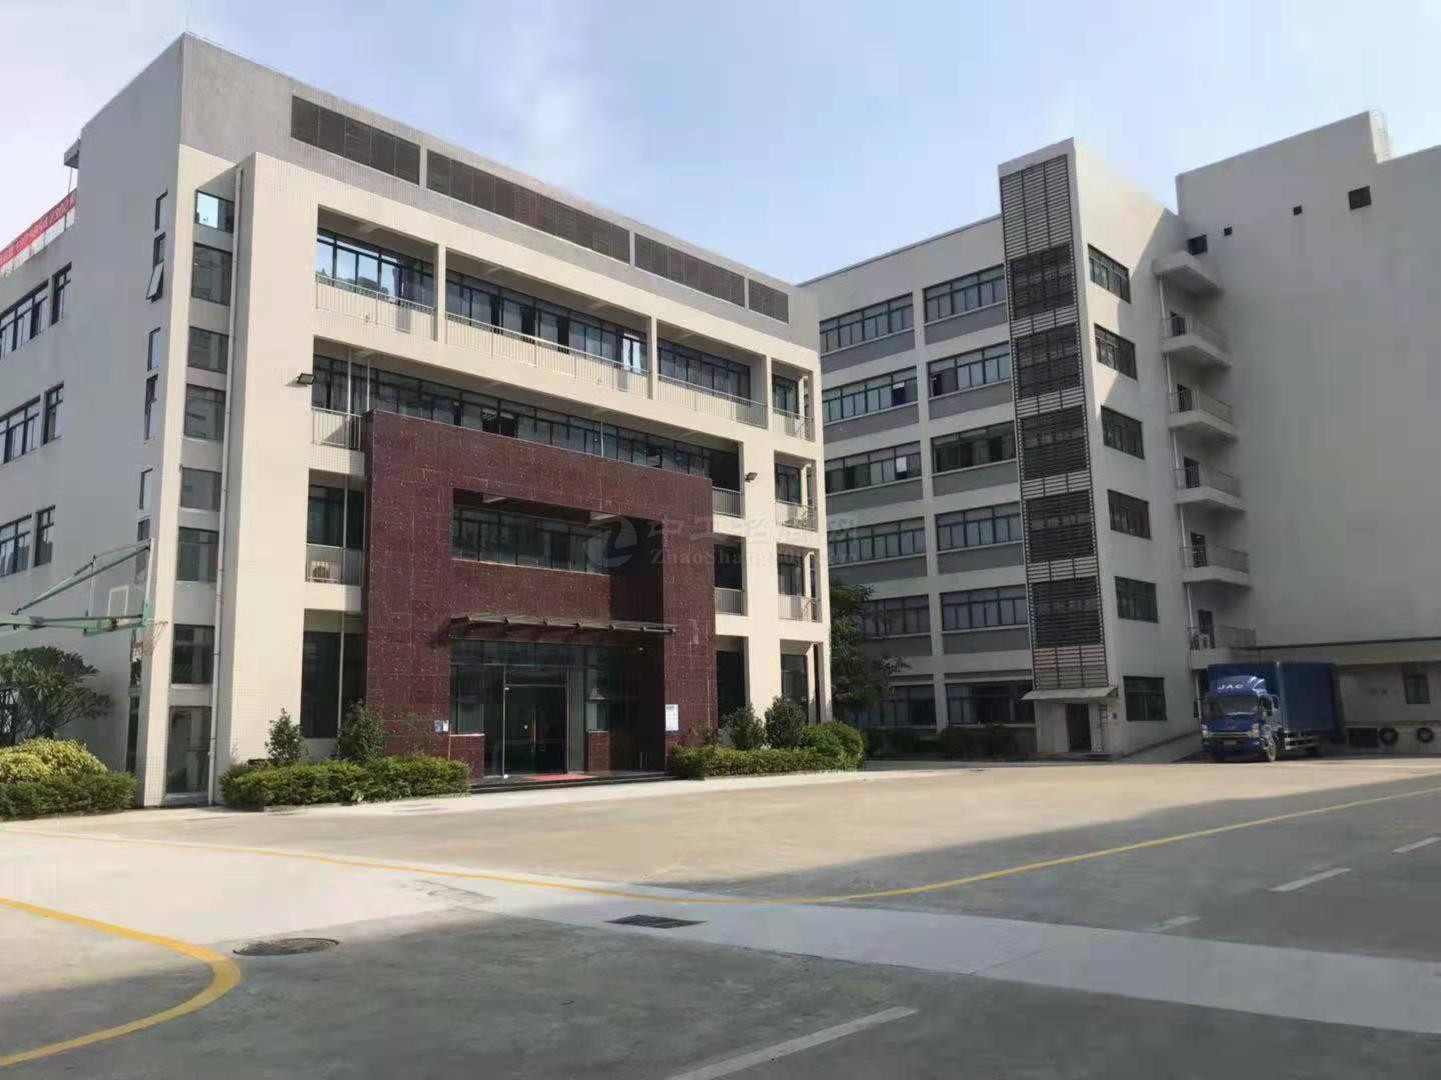 西乡固戍工业区原房东带卸货平台一楼出租800平可分租仓库厂房